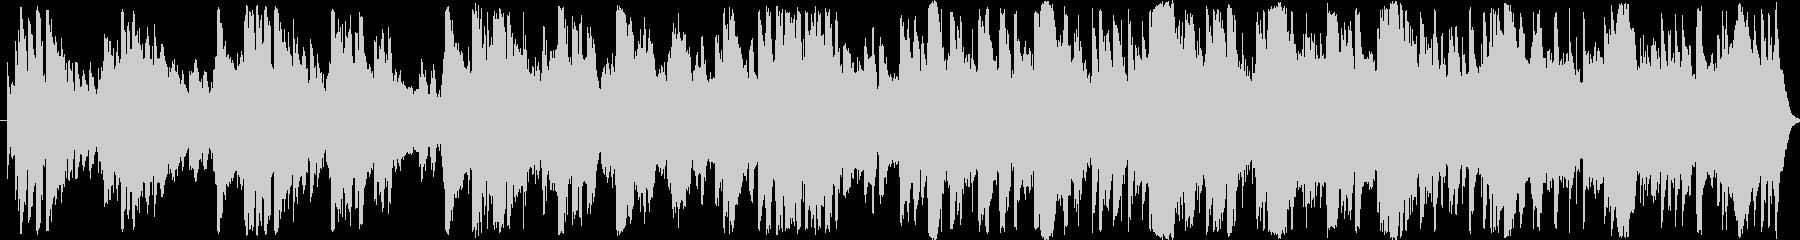 ピアノ、ストリングス、そして若干ラ...の未再生の波形